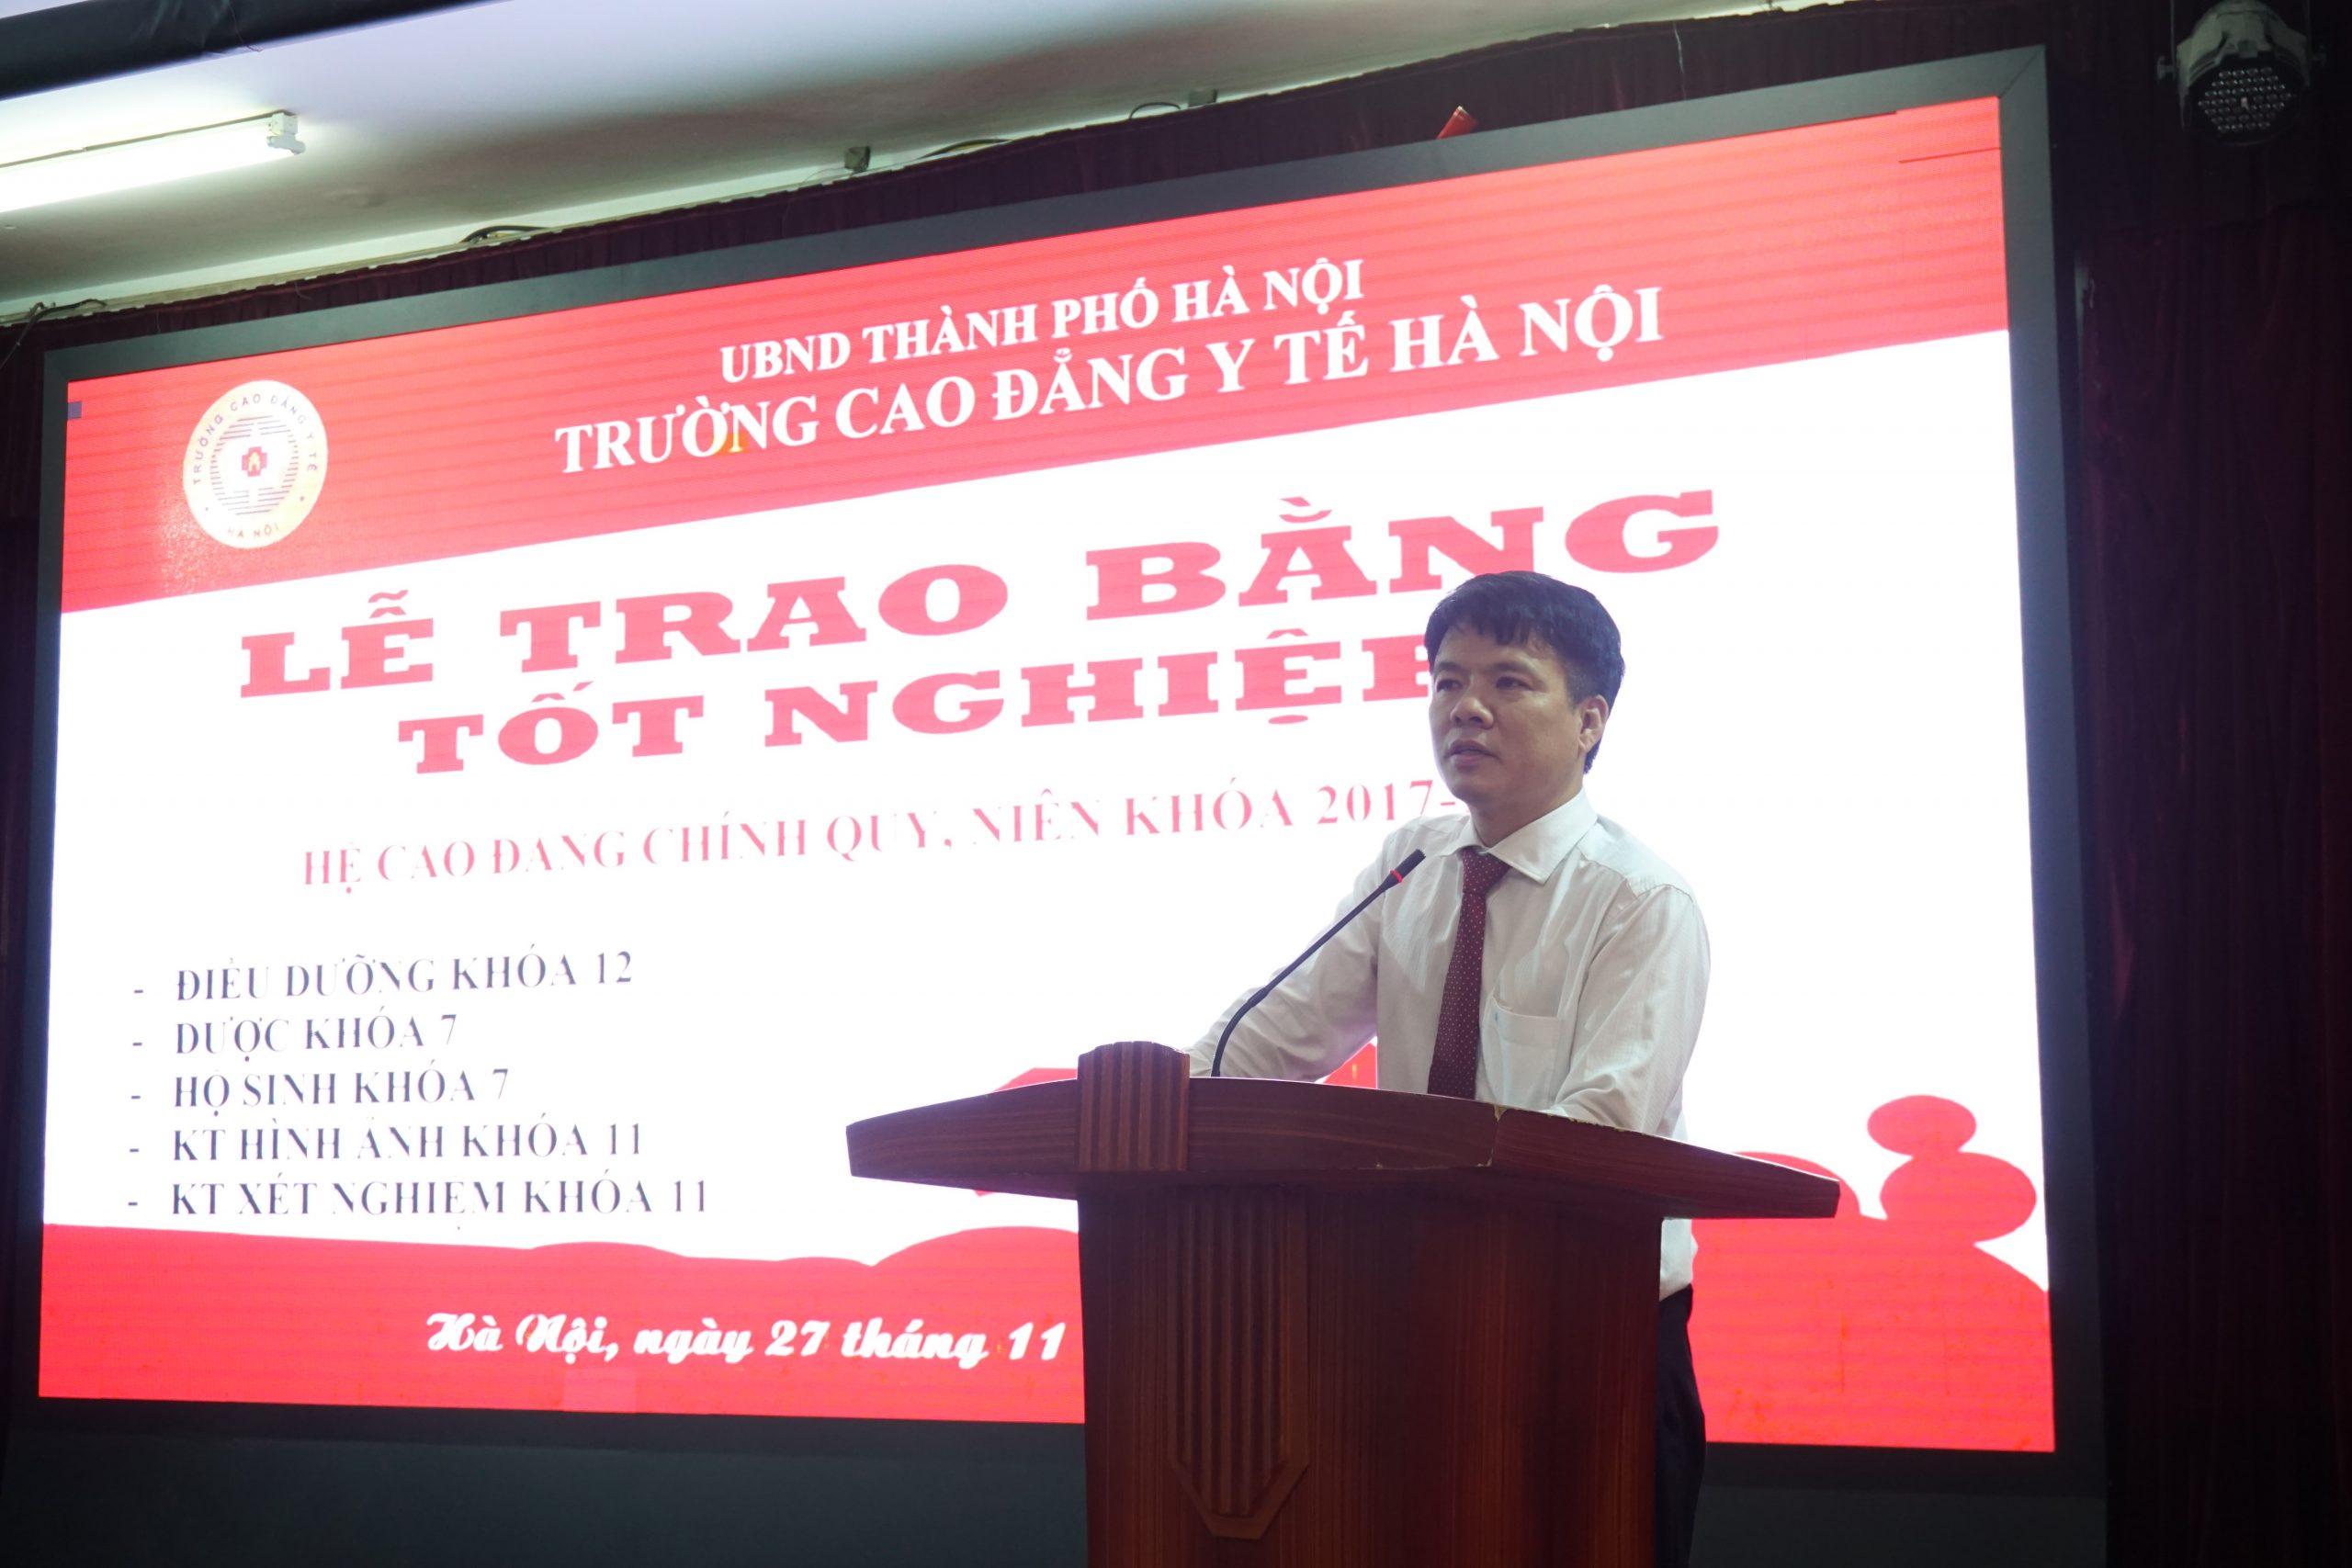 """TS Phạm Văn Tân - Hiệu trưởng trường Cao đẳng Y tế Hà Nội gửi gắm tình cảm và nhắn gửi """"Mong các em luôn là người thầy thuốc tốt, thầy thuốc giỏi"""""""